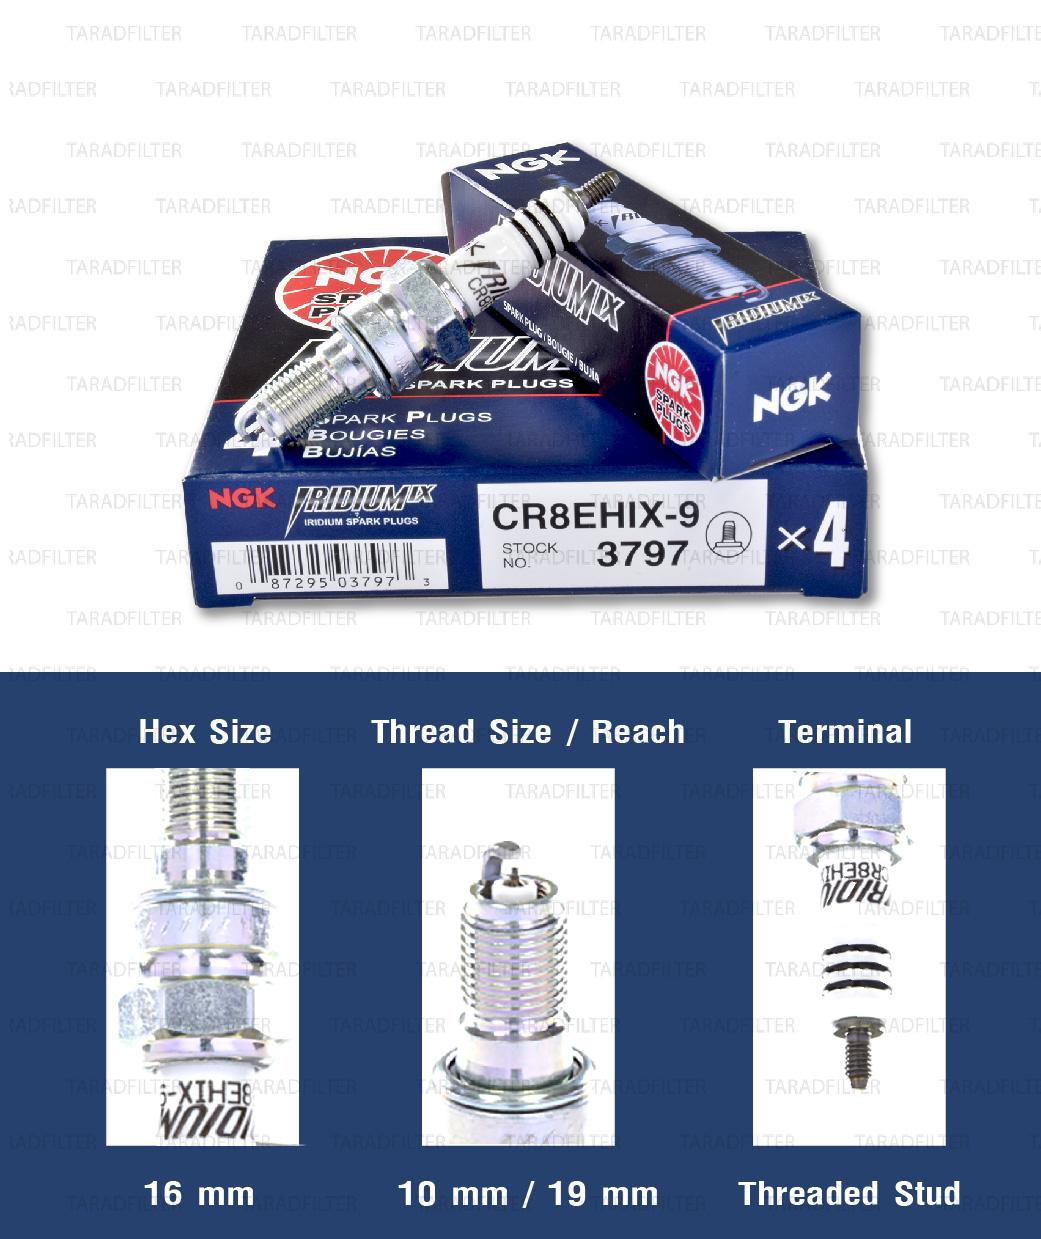 หัวเทียน NGK CR8EHIX-9 ขั้ว Iridium ใช้สำหรับCB400 (1 หัว) - Made in Japan